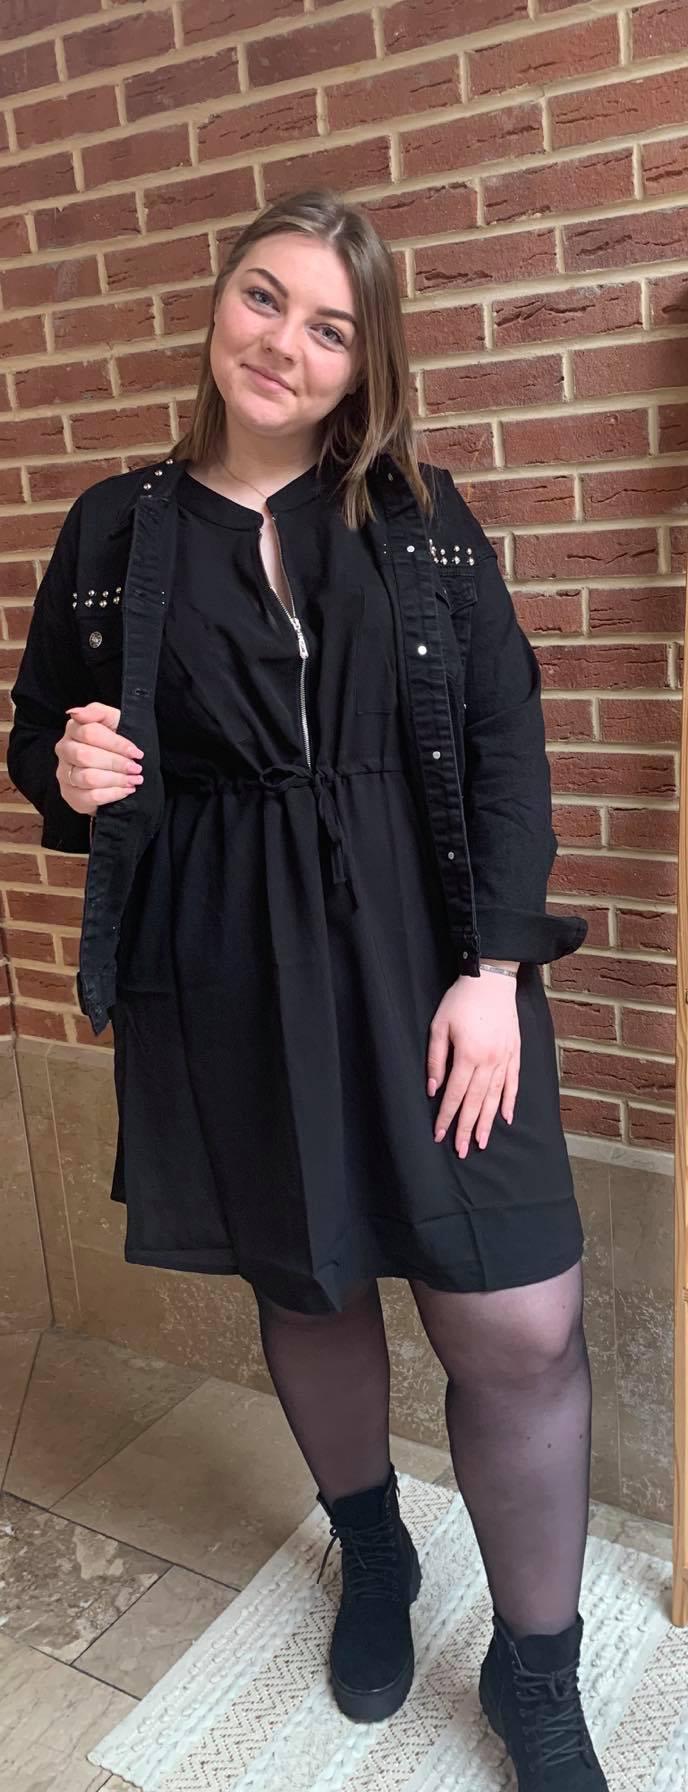 robe noir zip - ROB_NOI_ZIP